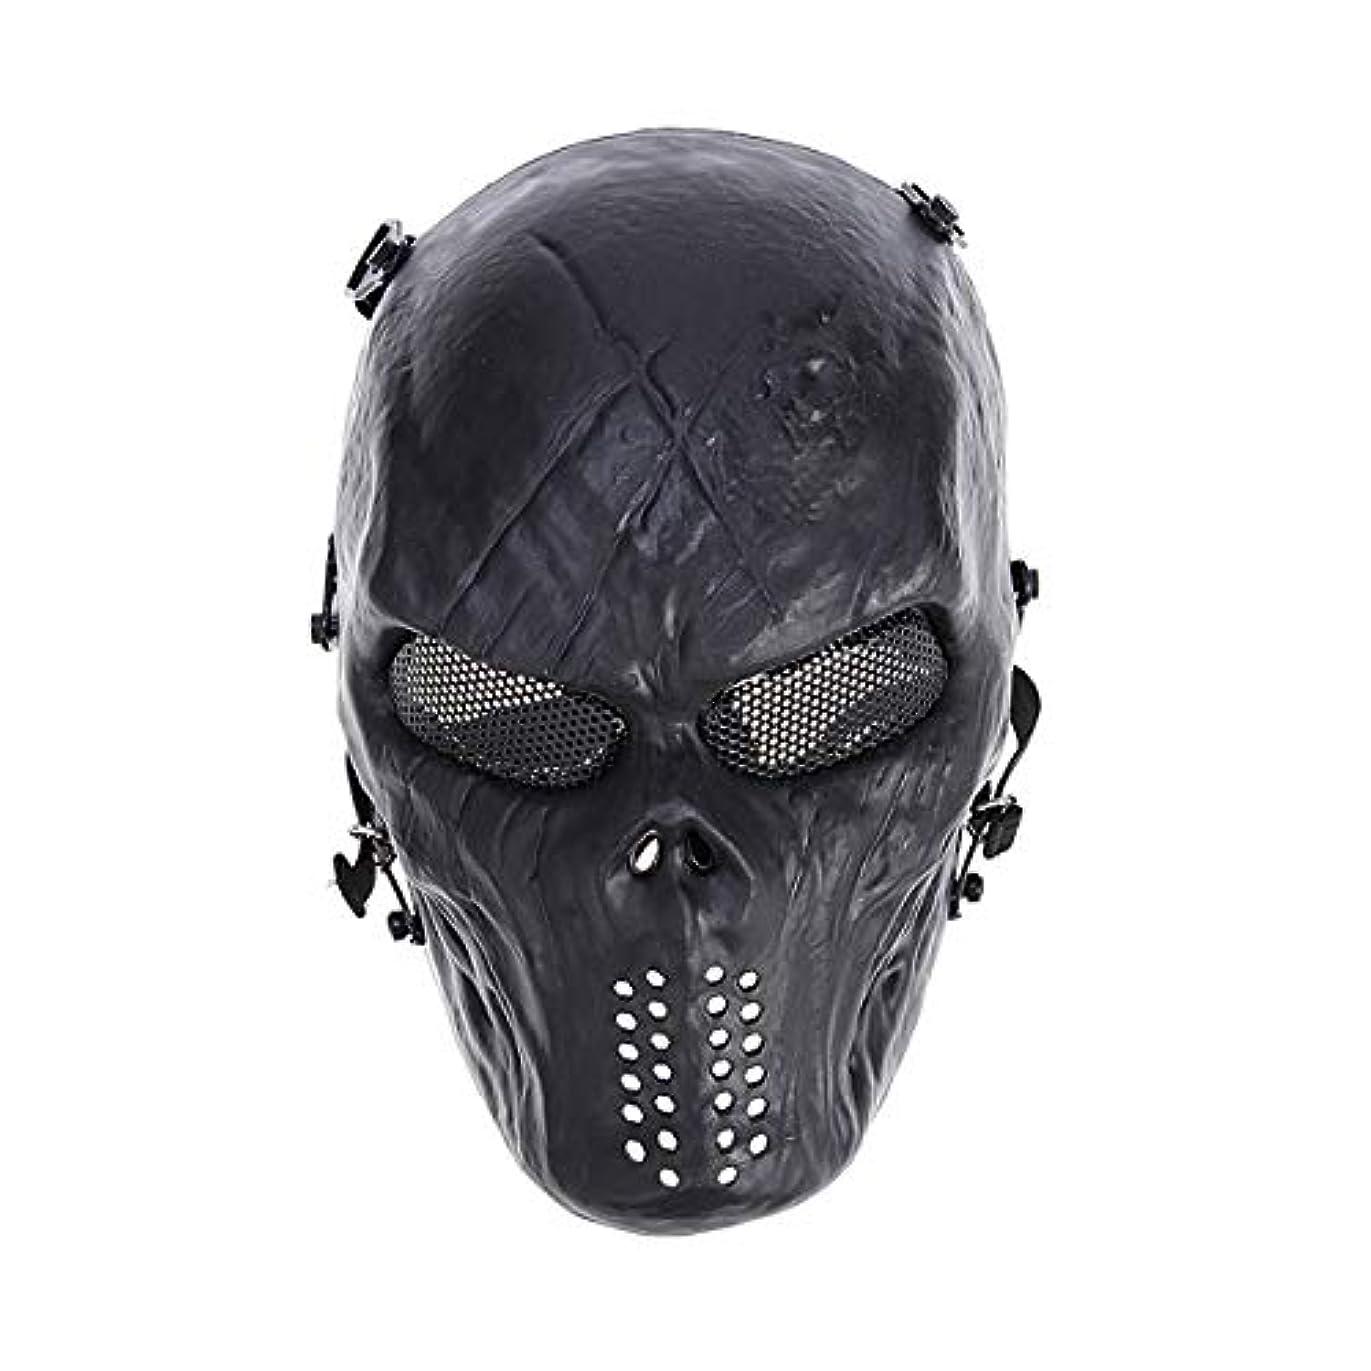 発明親密な大理石VORCOOL CSフィールドマスクハロウィンパーティーコスチュームマスク調整可能な戦術マスク戦闘保護顔耳保護征服マスク(黒)